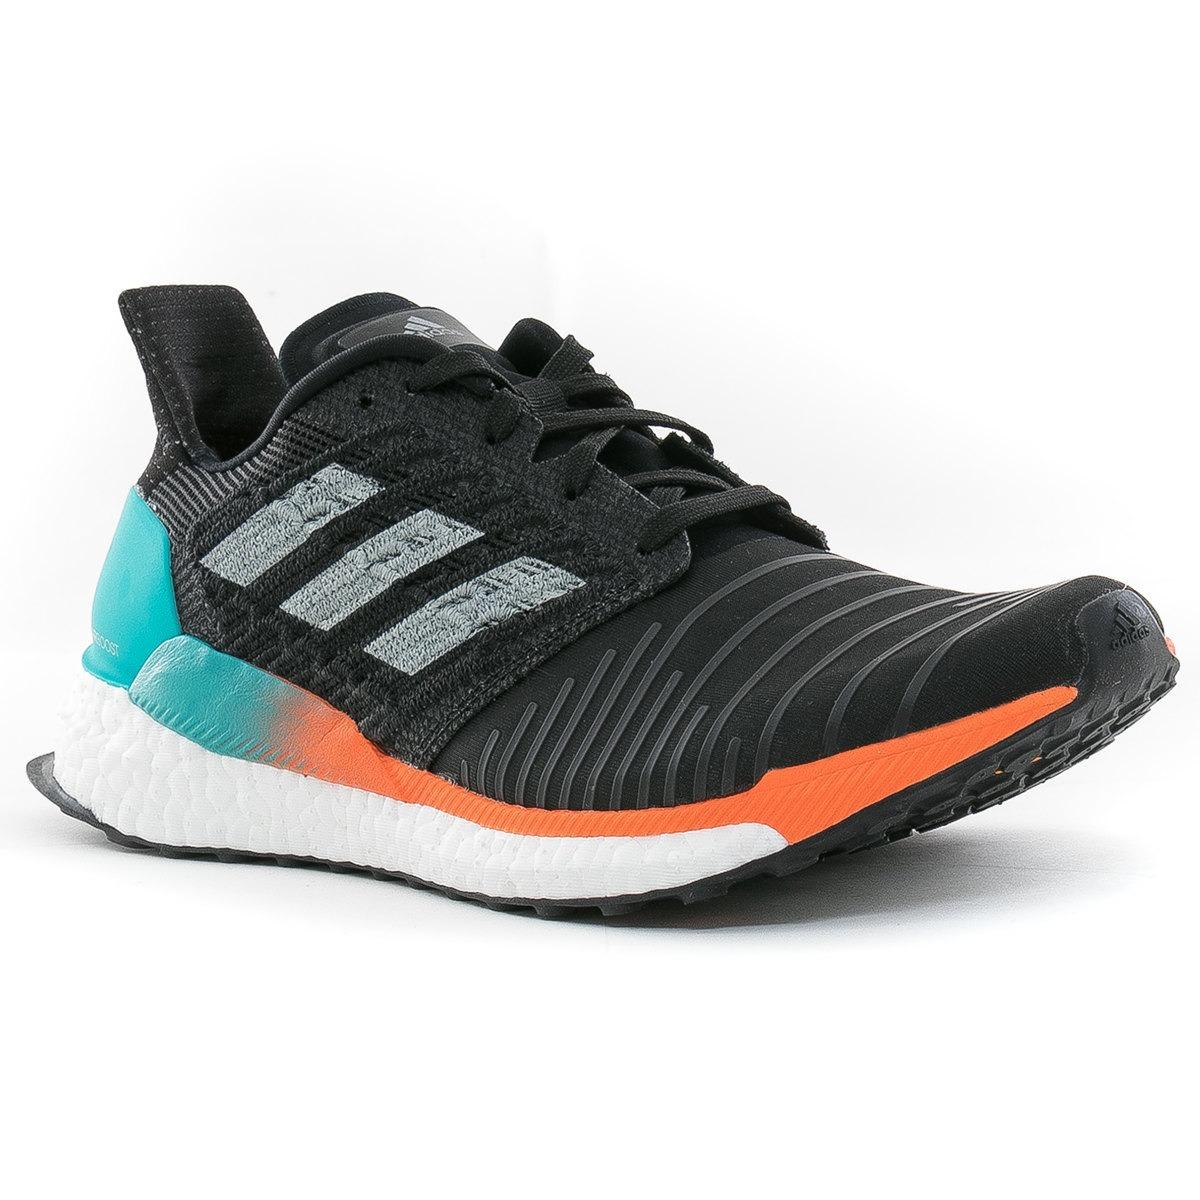 zapatillas solar boost m adidas. Cargando zoom. 8ae43a56aada9